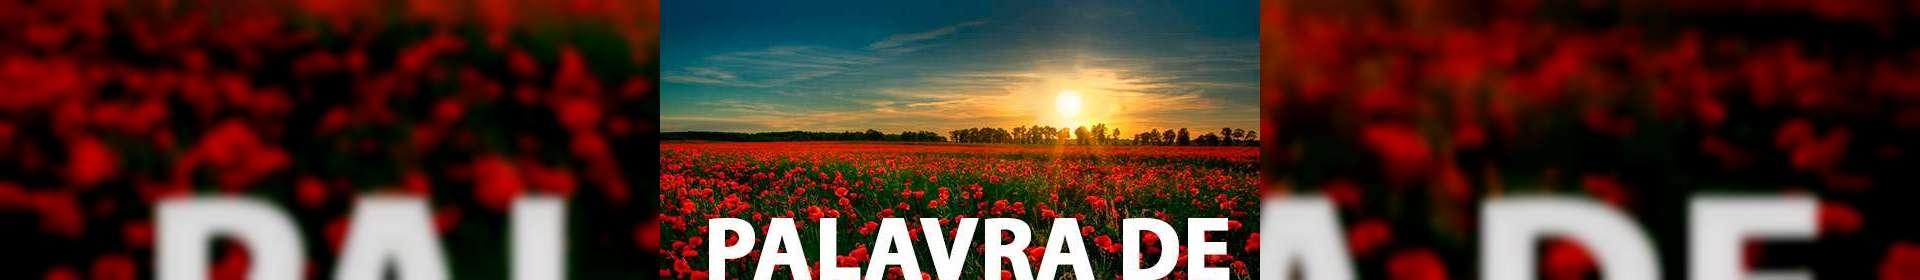 Salmos 128:1-6 - Uma Palavra de Esperança para sua vida